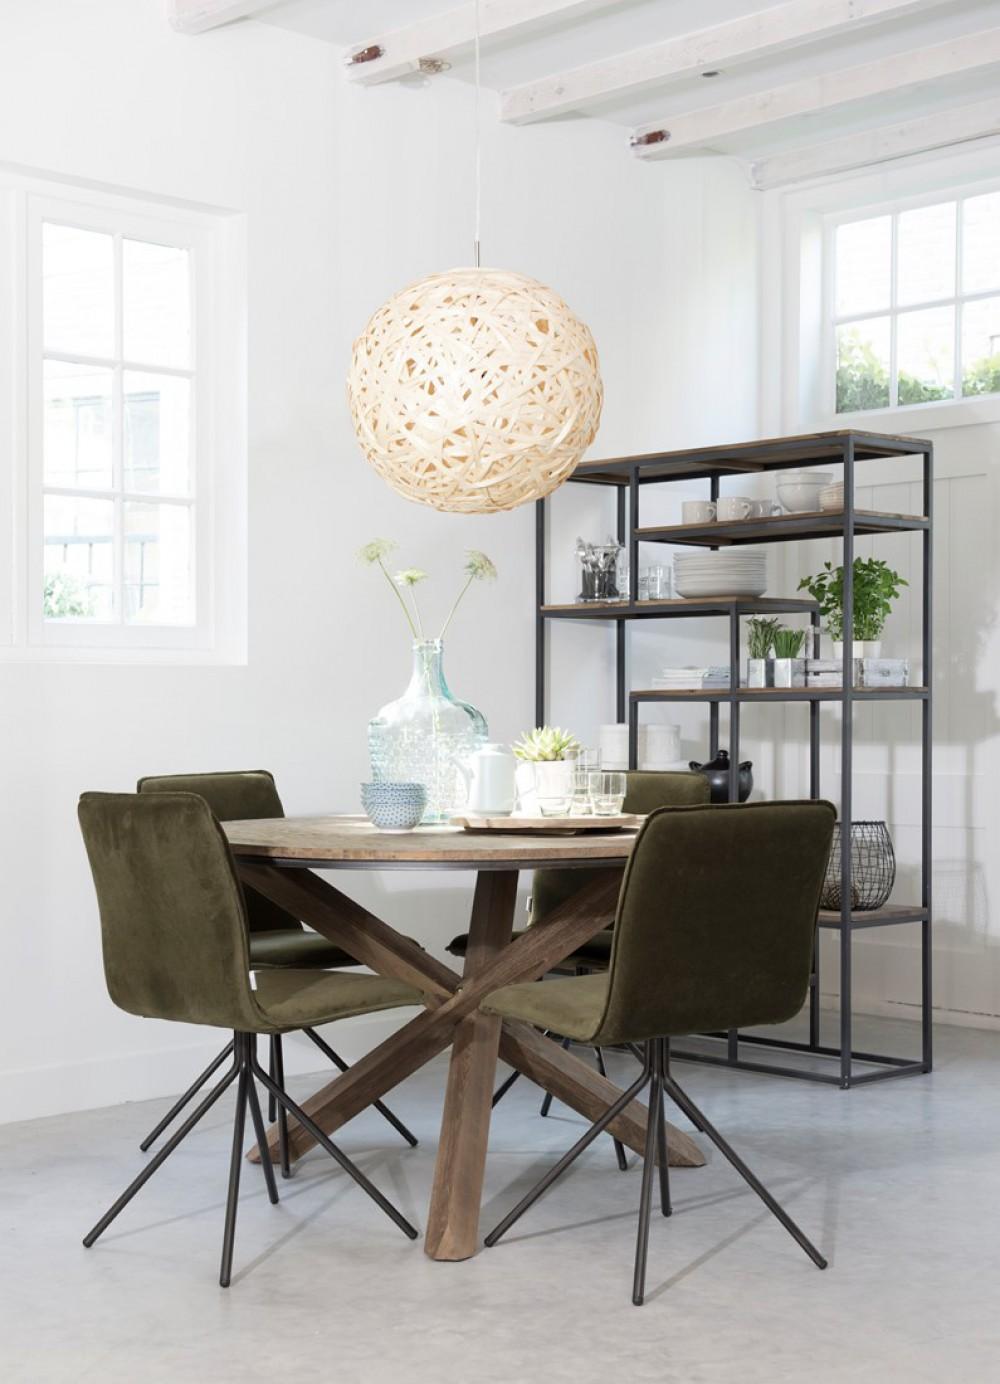 Runder Tisch 160 Cm.Runder Tisch Holz Massiv Esstisch Rund Tisch Im